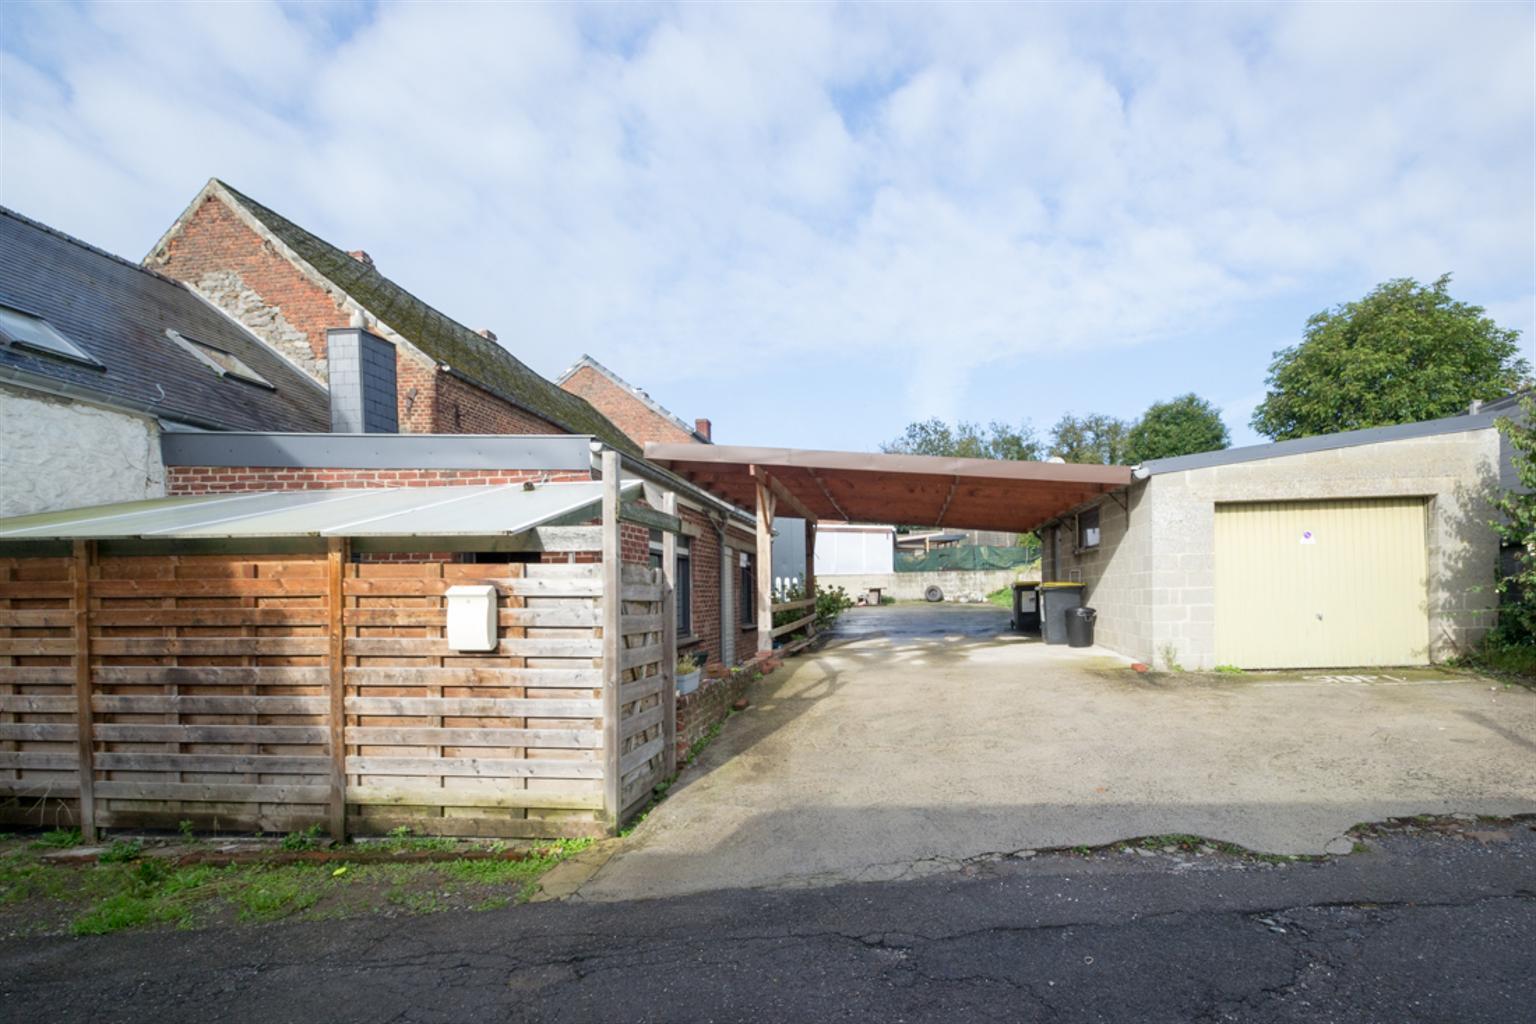 Maison - Merbes-le-Chateau - #4512024-12